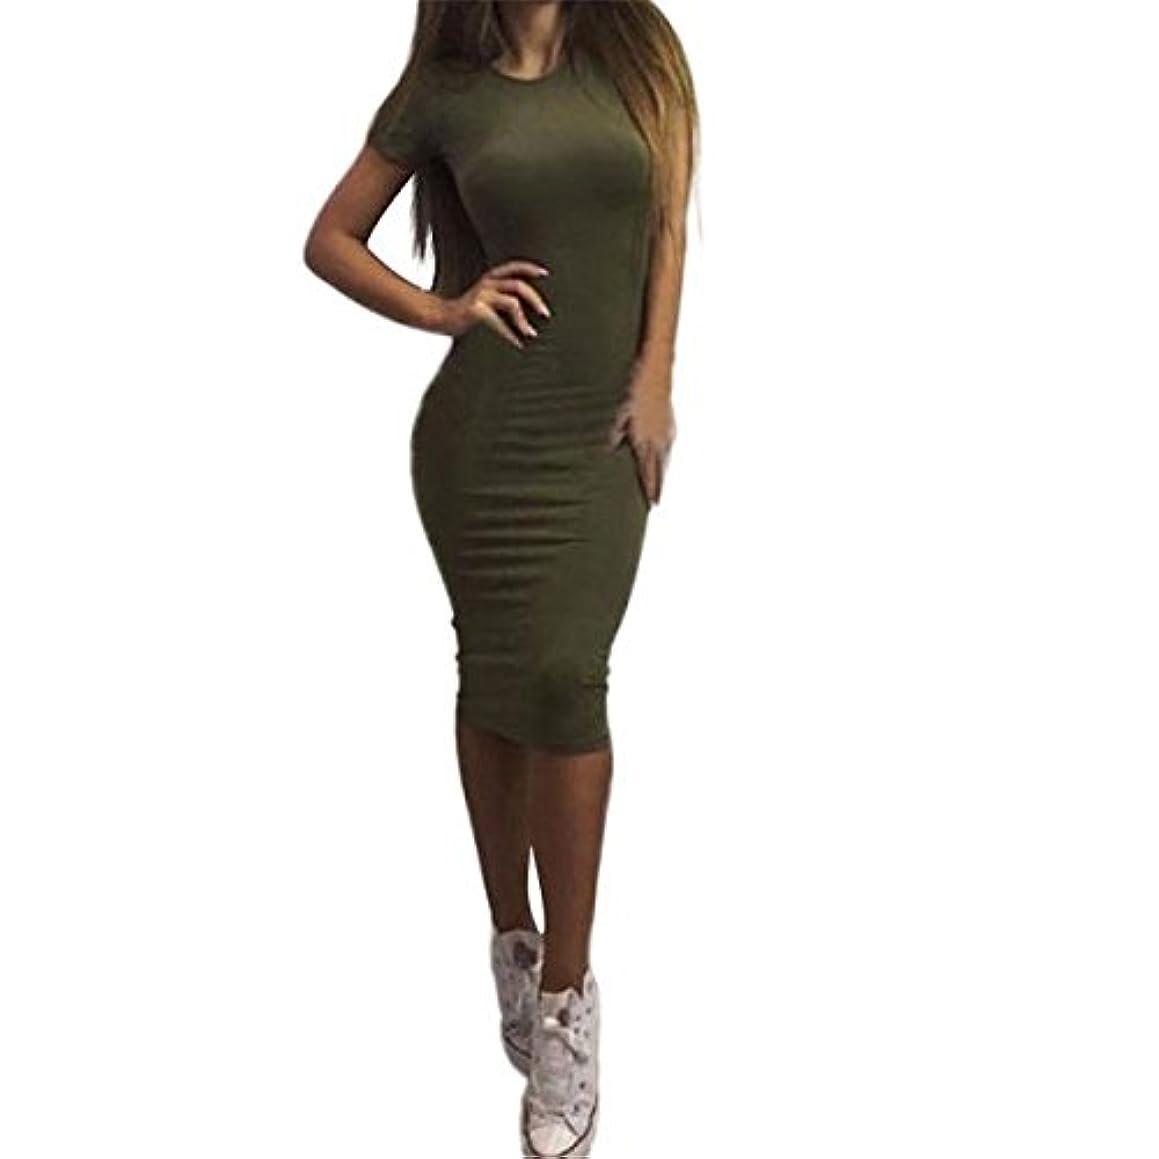 事件、出来事気になるダイヤルLutents レディース タイト ワンピース 無地 半袖 セクシー スリムドレス 着痩せ ワンピース ロング 細身 パーティー 二次会 結婚式に対応 (黒 グレー グリーン)S~XLサイズ